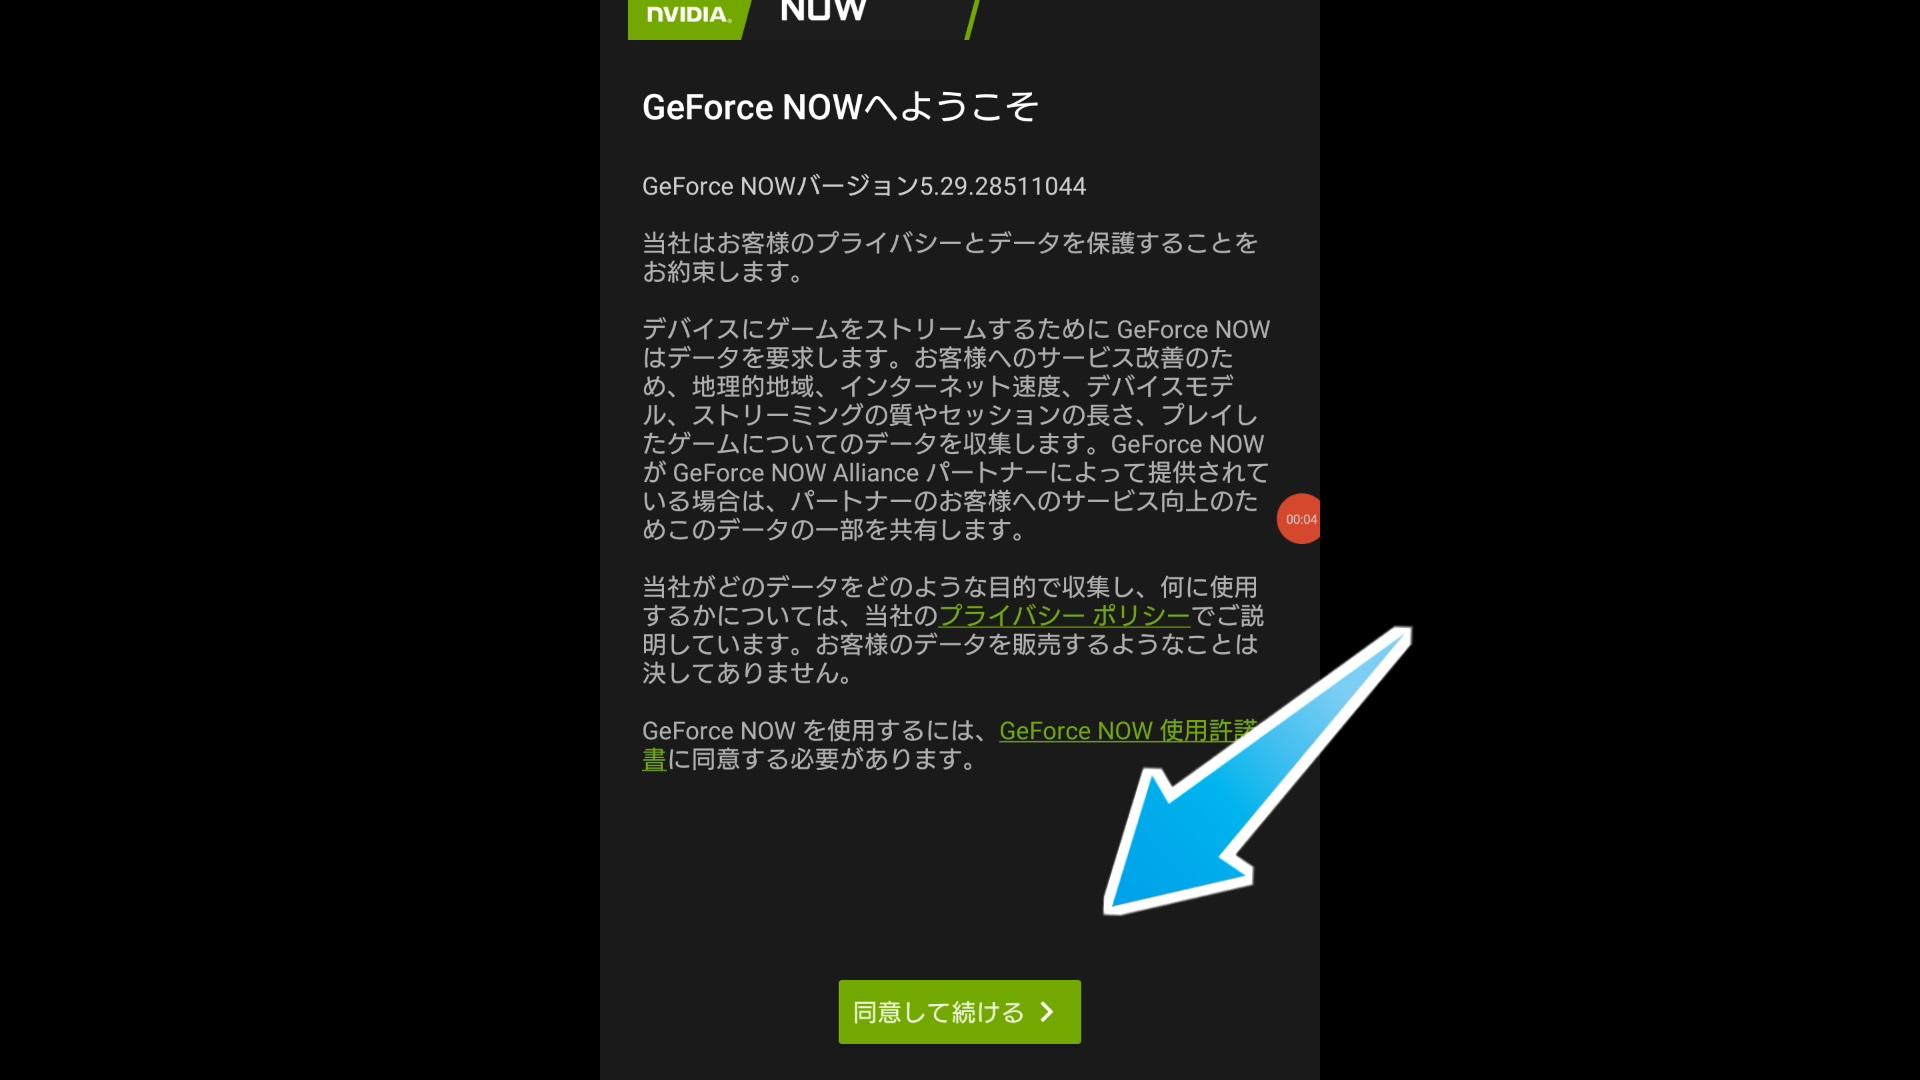 私はスマホ(Xperia XZ2 Premium)でGeForce Nowアプリをダウンロードしました。 インストール後起動して、「同意して続ける」をクリック。